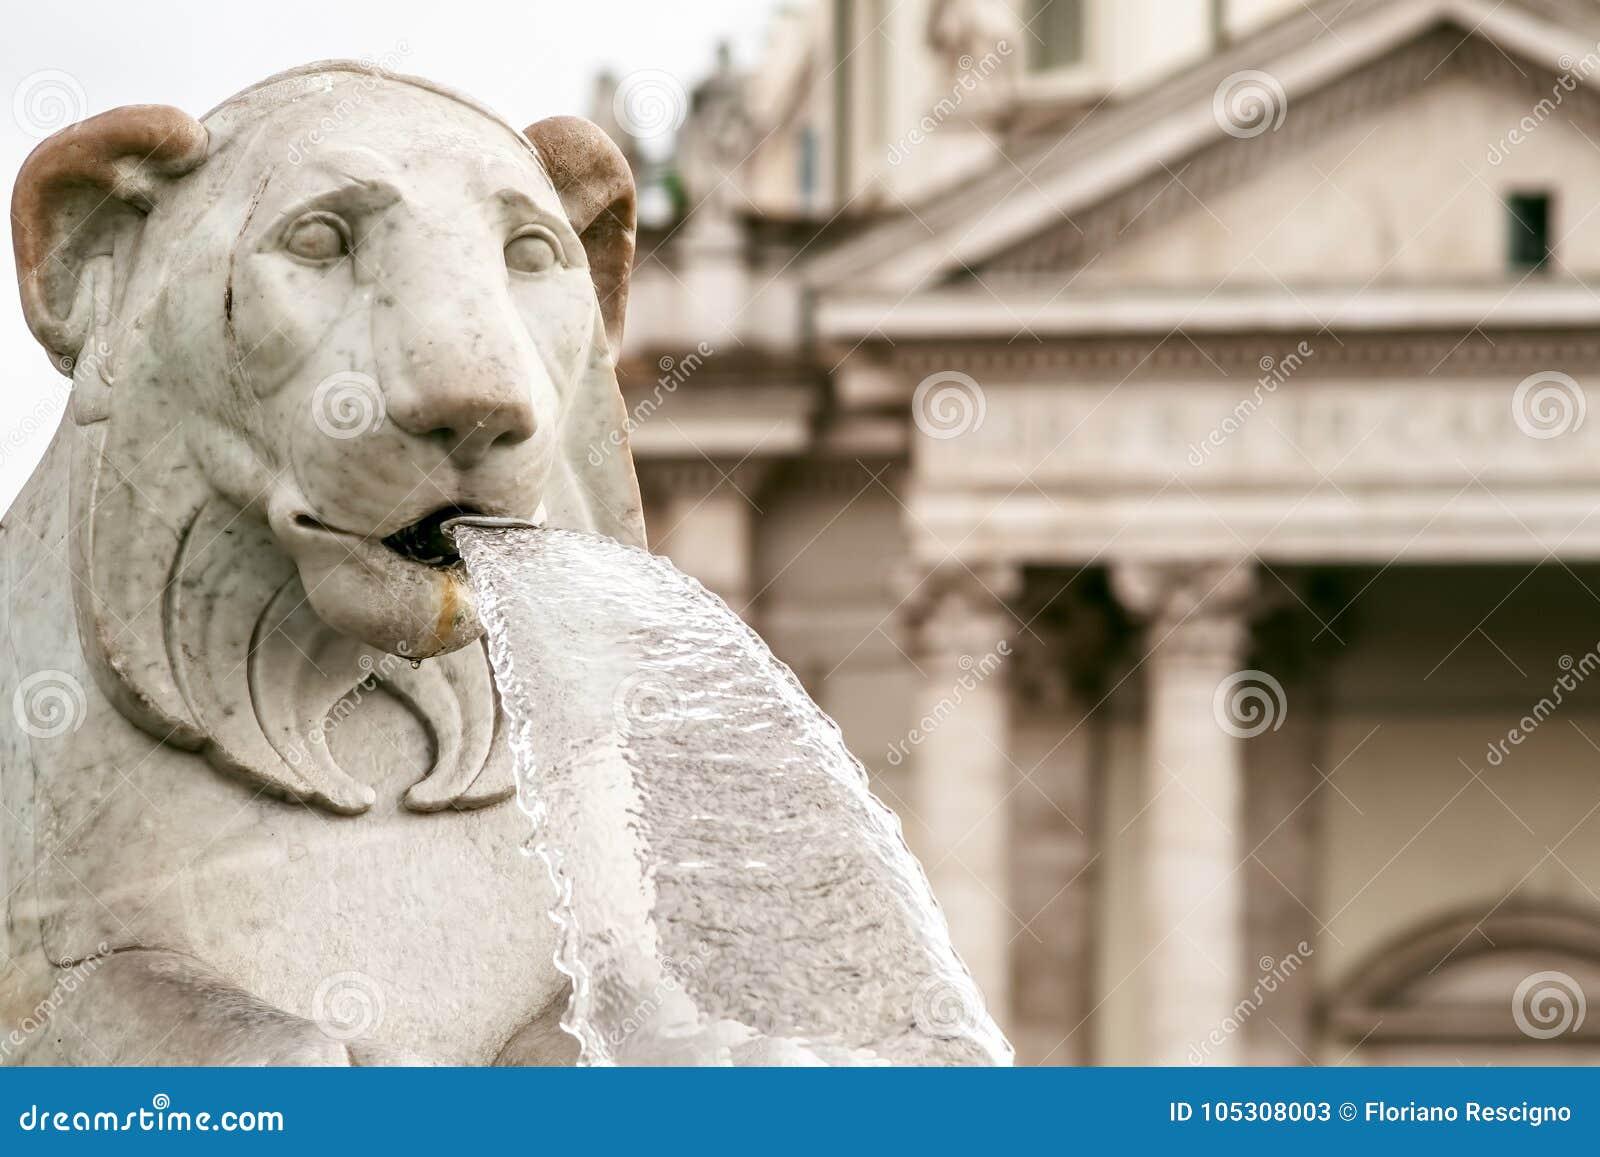 Lion statues of fountain in Piazza del Popolo, Rome